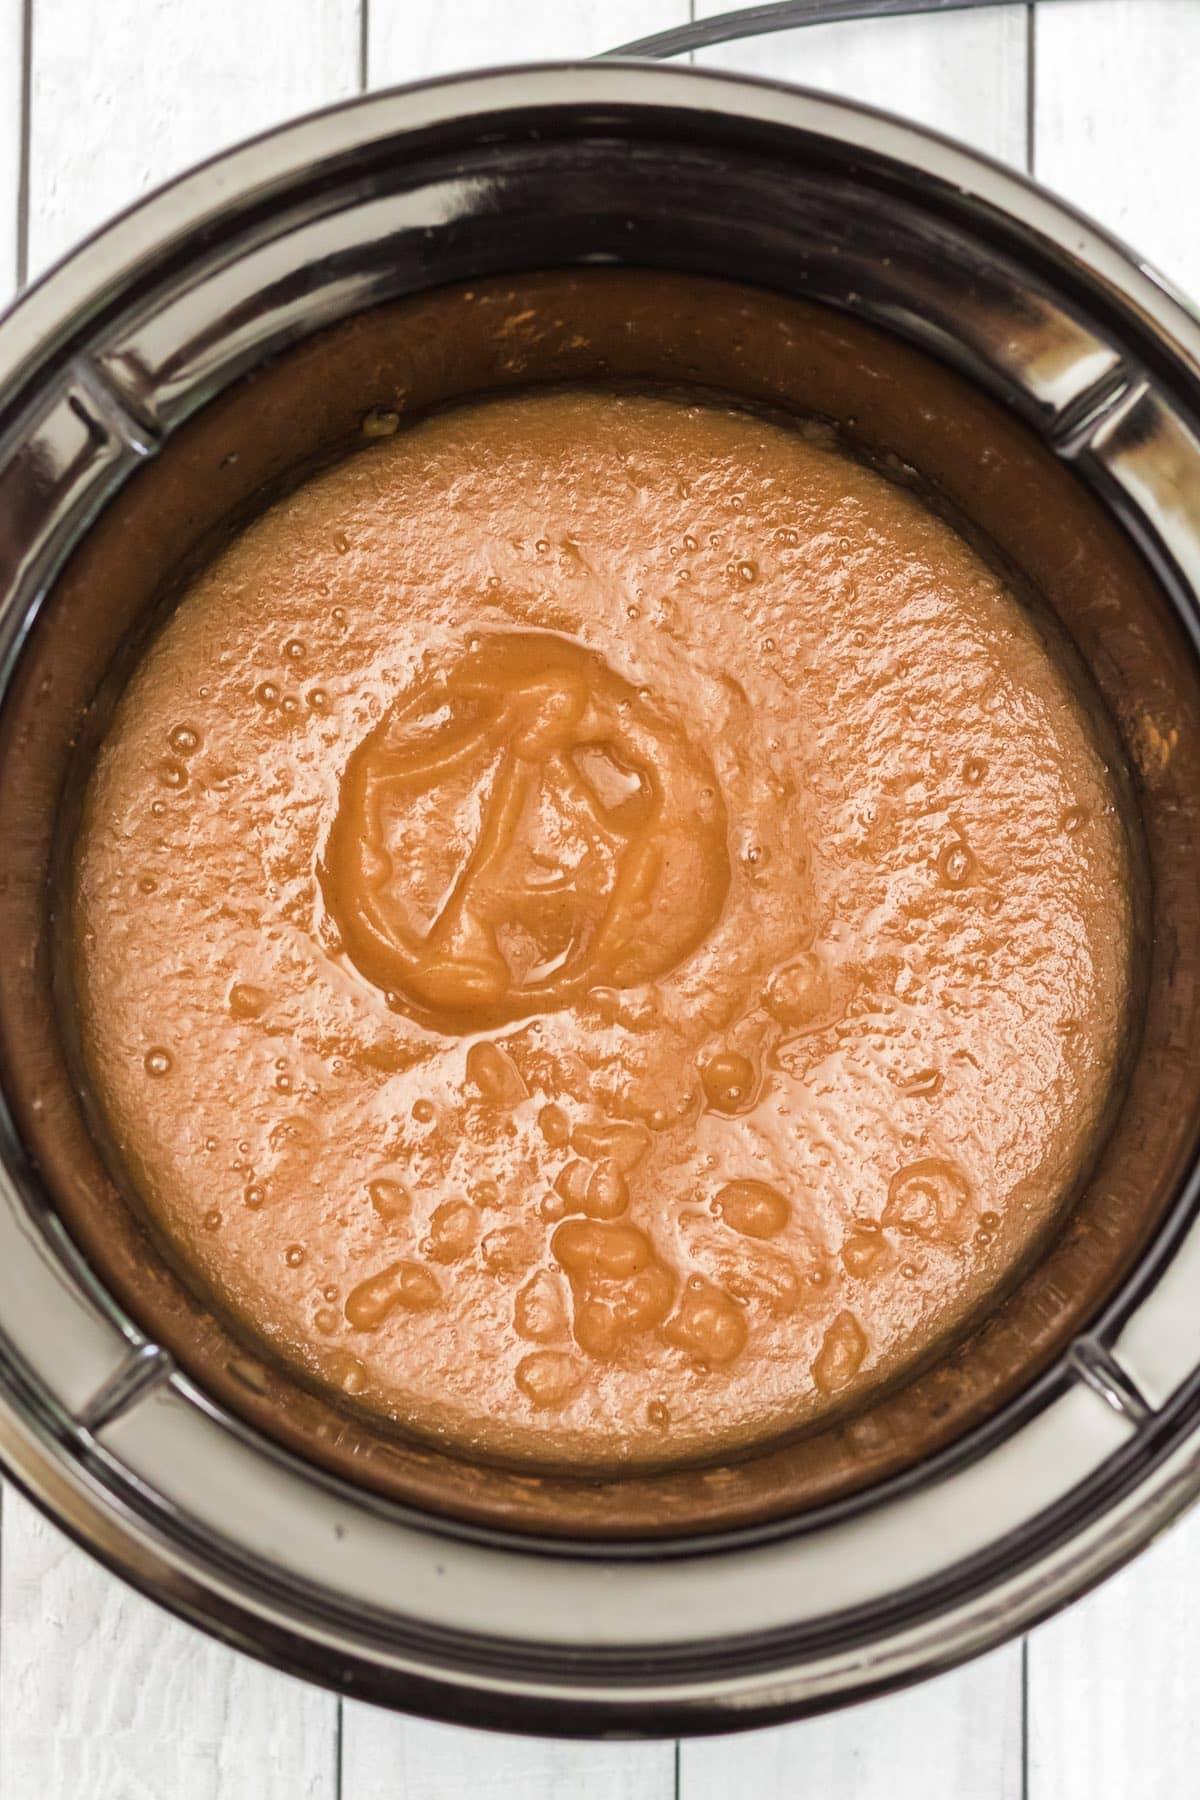 apple sauce inside crockpot